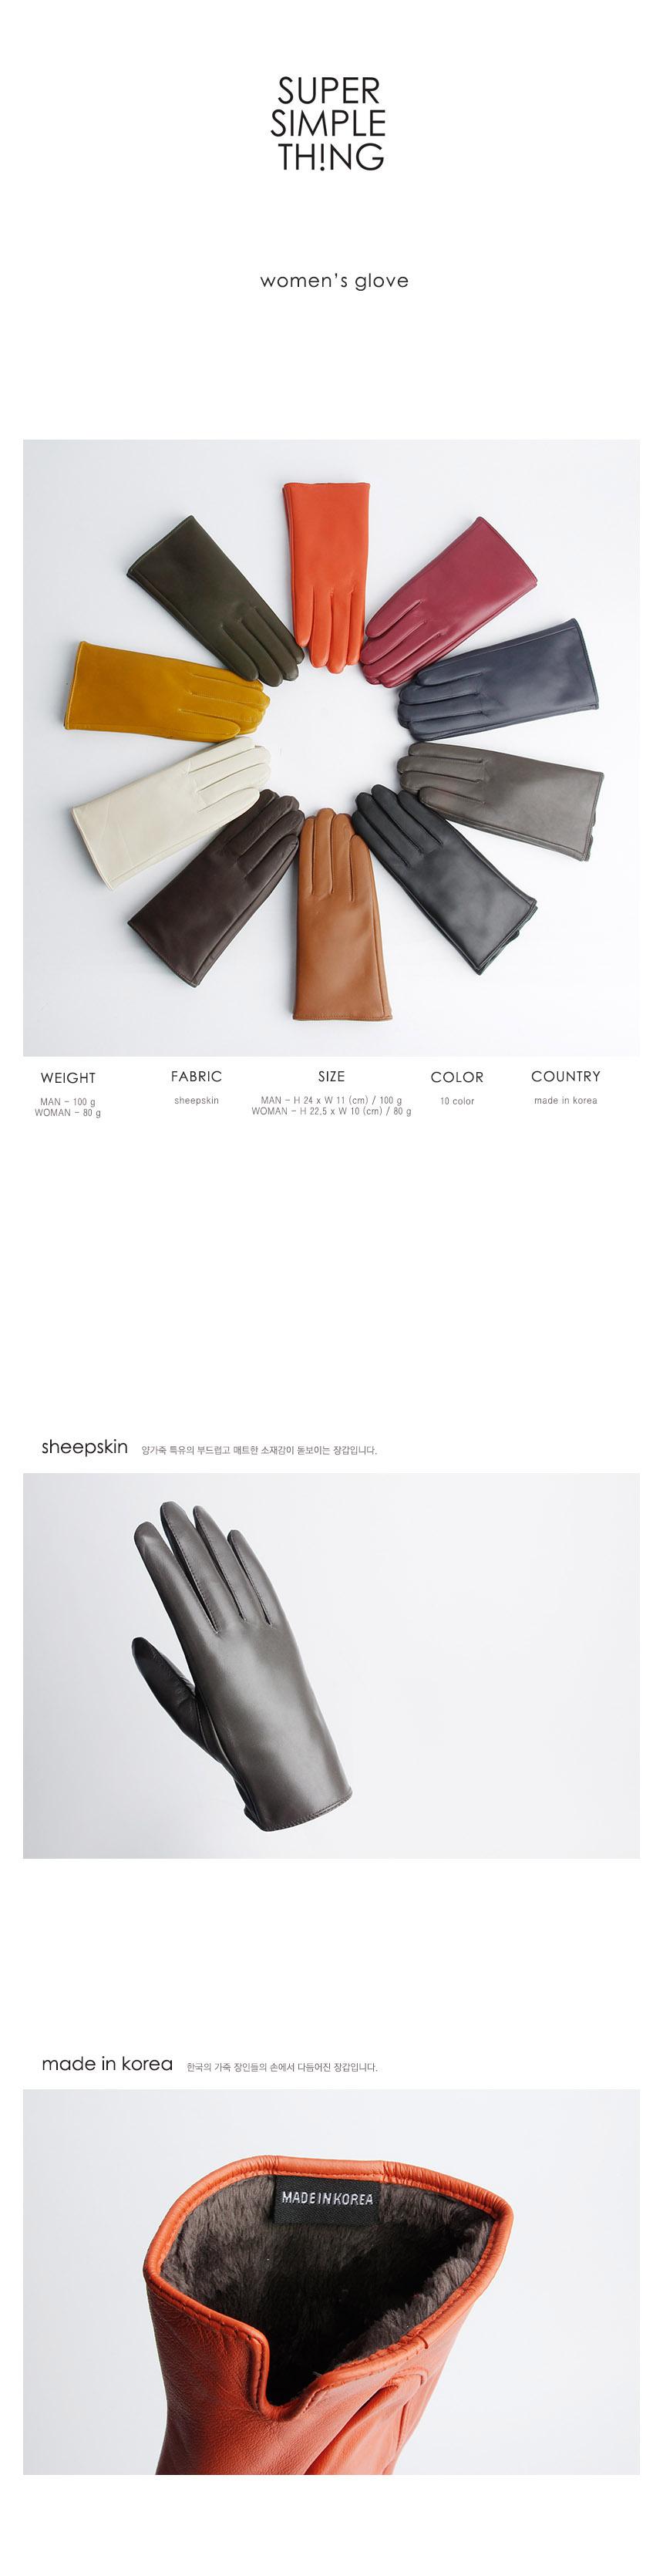 [플래그쉽] 심플리 스탠다드 양가죽 장갑 [10컬러] (FLAGSHIP simply standard glove)